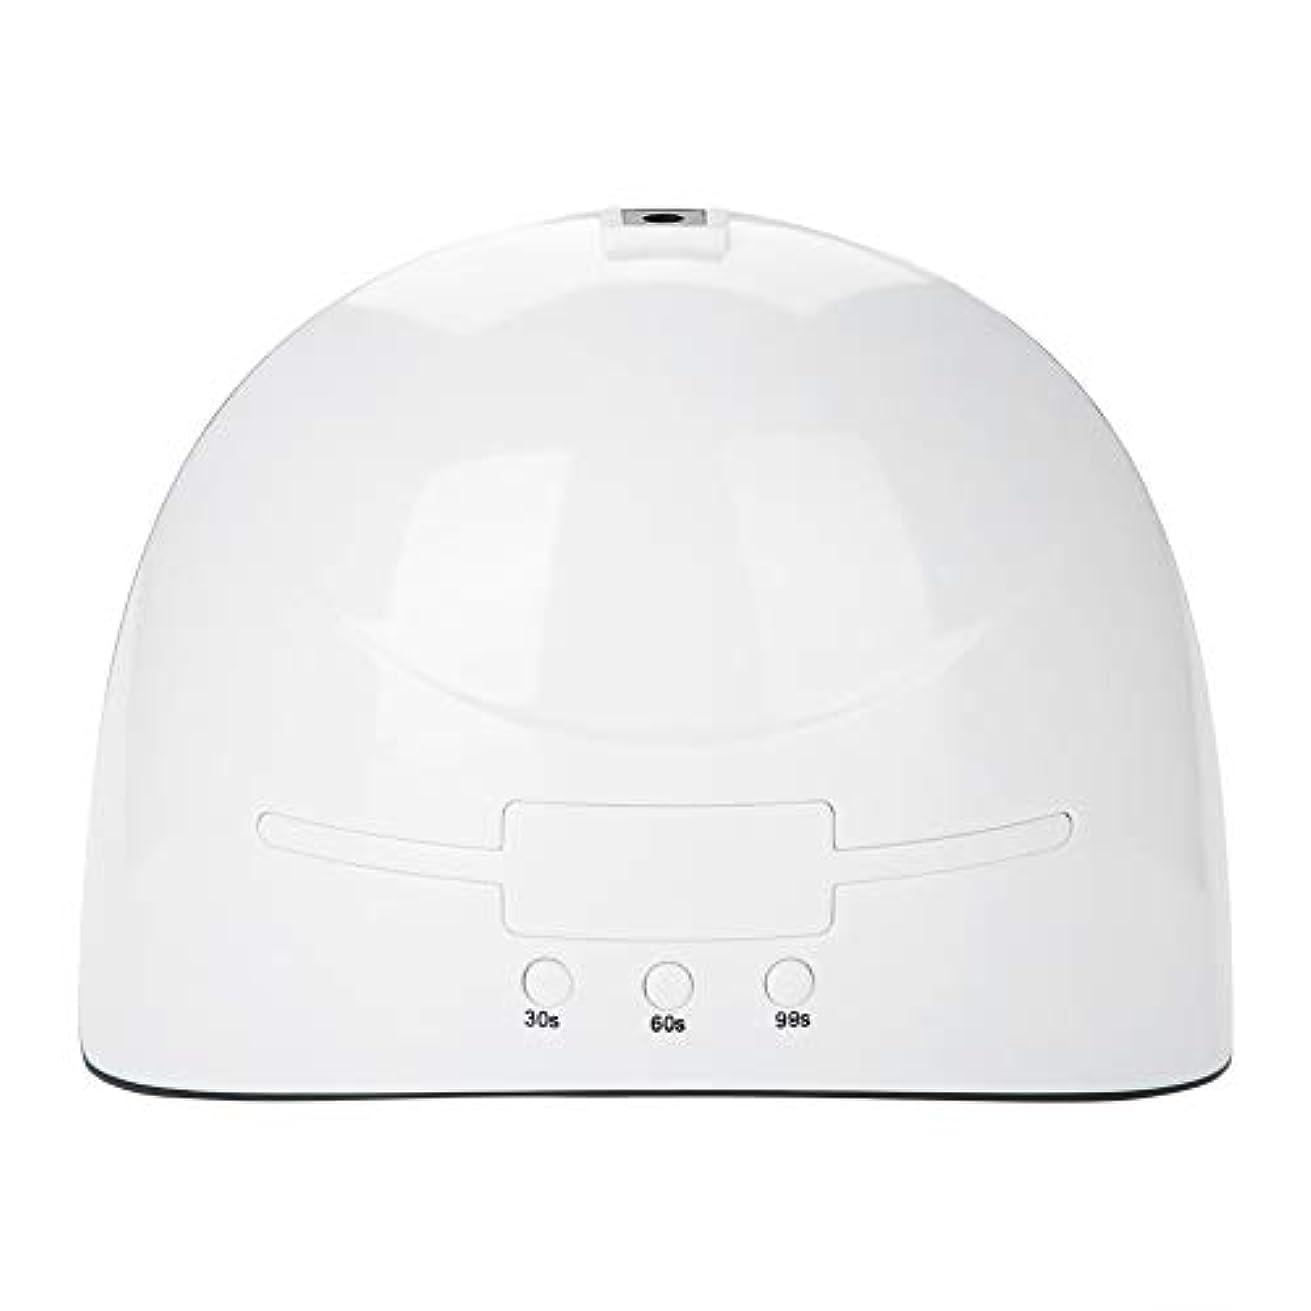 何故なの俳優子供時代LEDネイルドライヤー 36w USB式 硬化用 三つタイマー ジェルネイル用 設定可能 便携 家用 美容院 ホワイト (white)